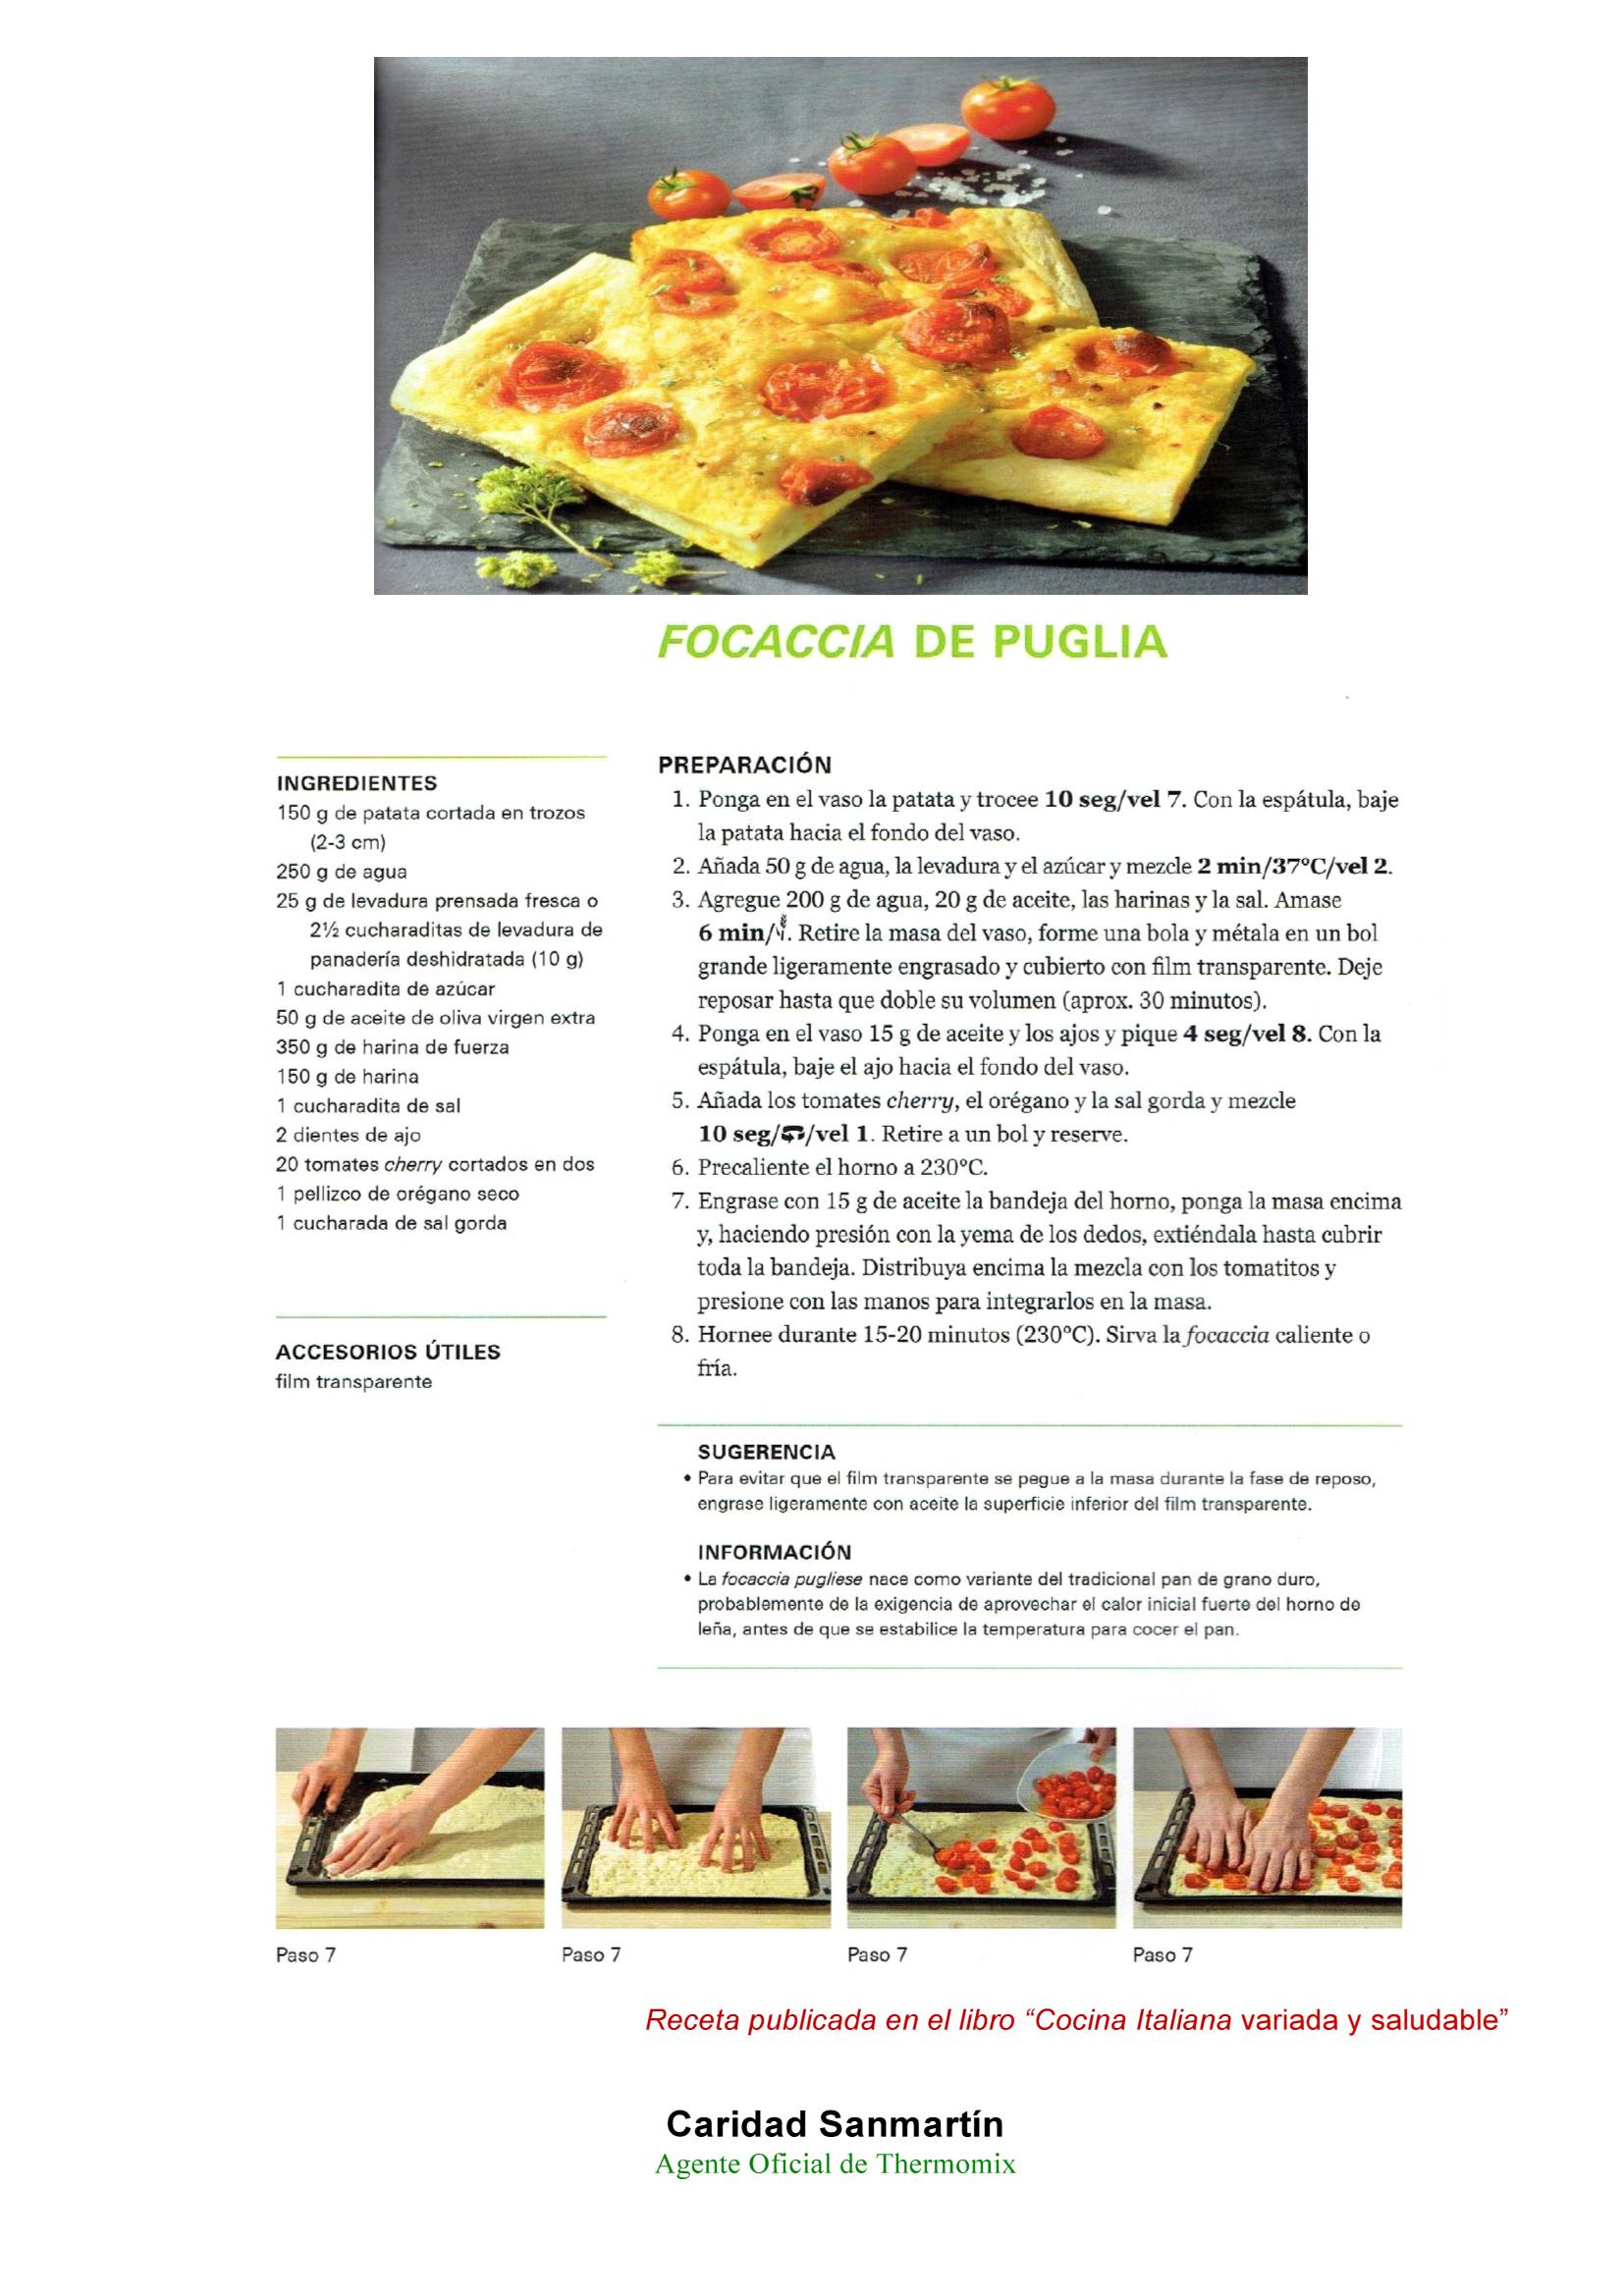 FOCACCIA DE PUGLIA. COCINA ITALIANA CON Thermomix®